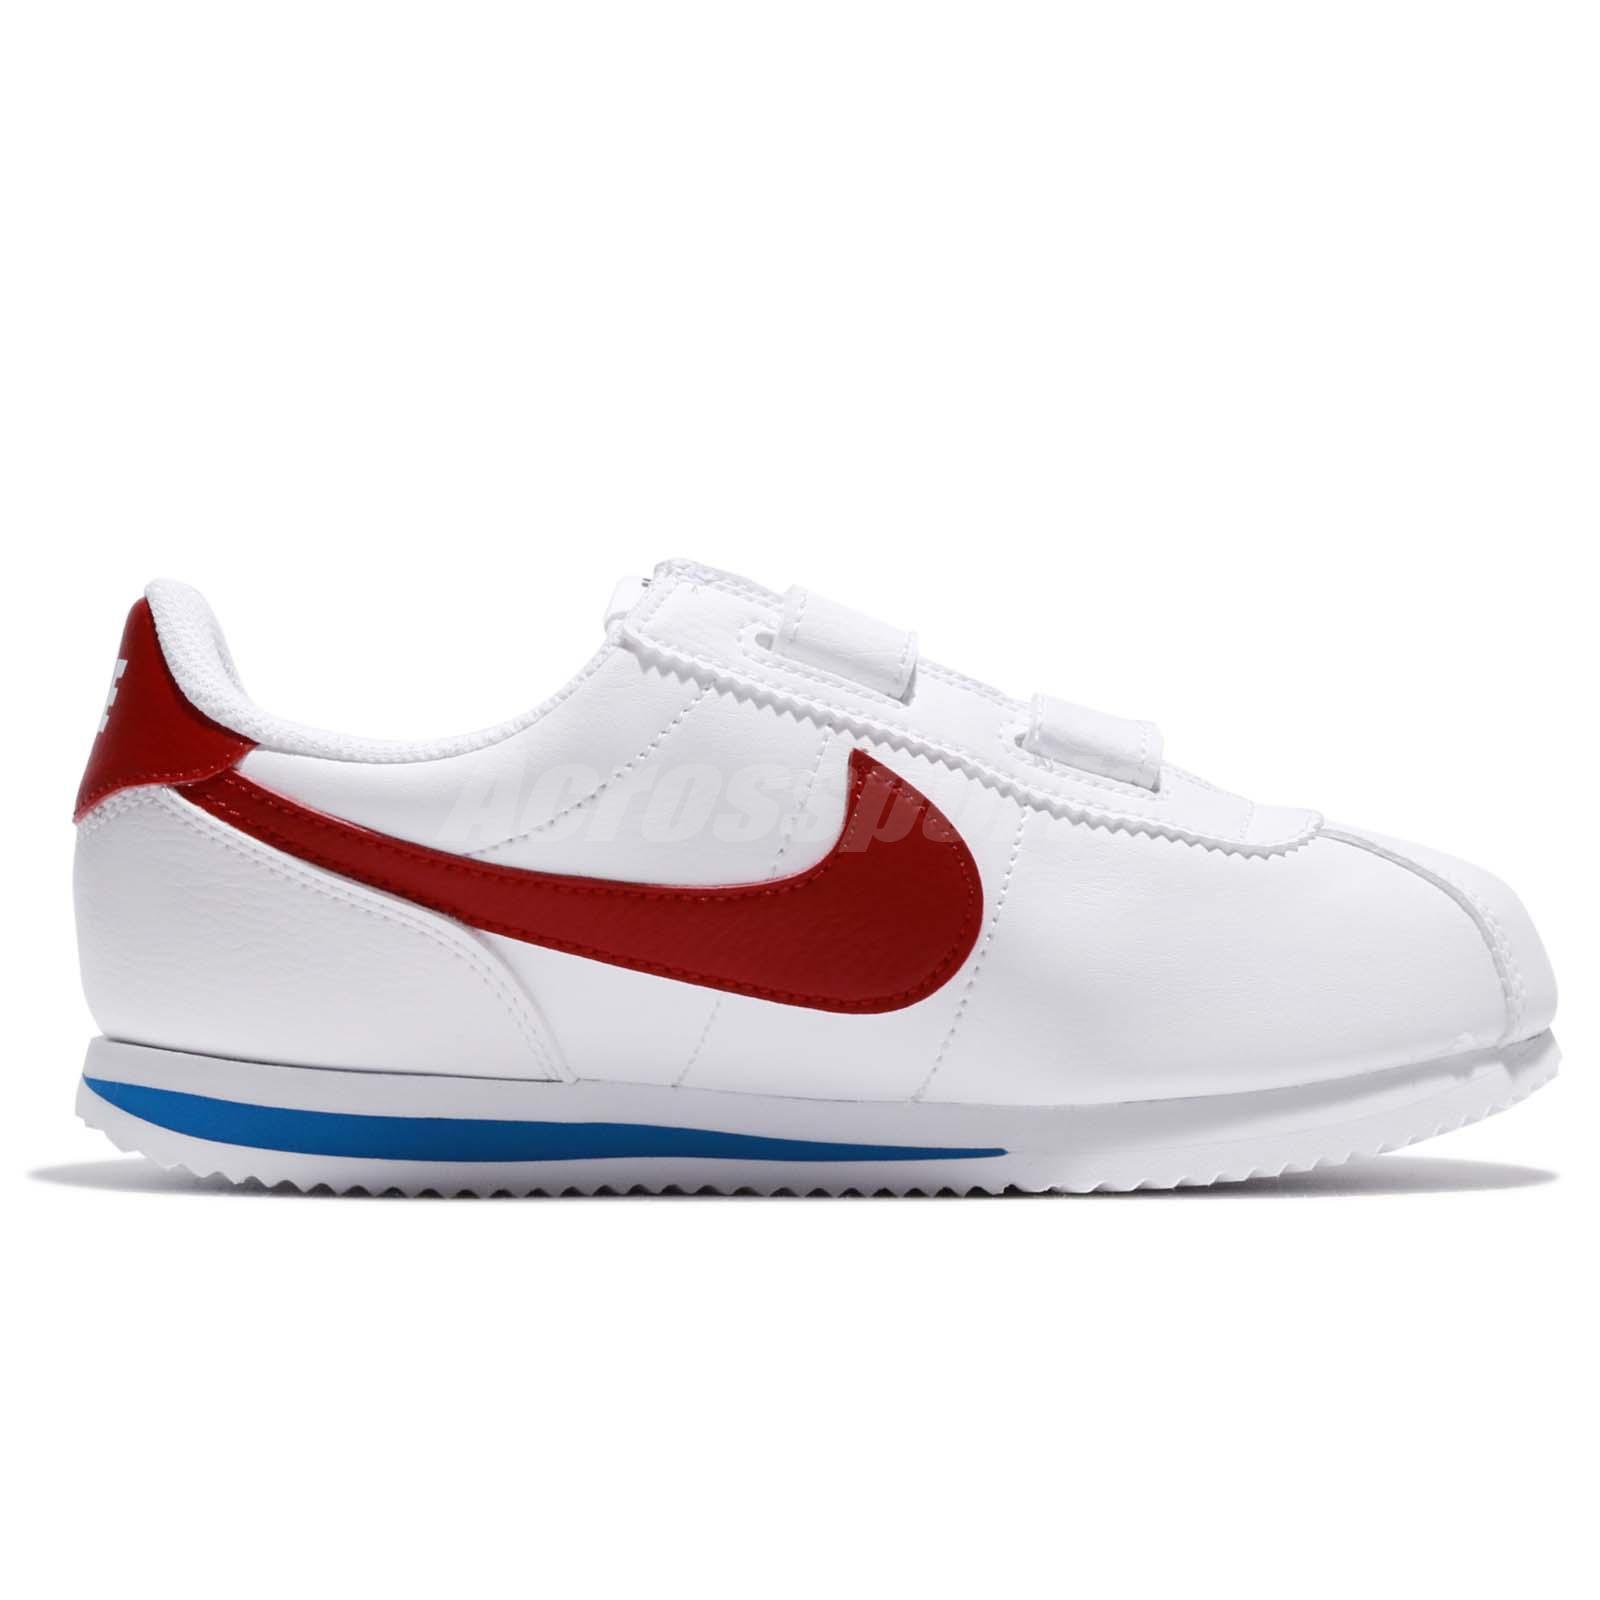 9b237787d8fa Nike Cortez Basic SL PSV Forrest Gump OG White Red Preschool Girl ...